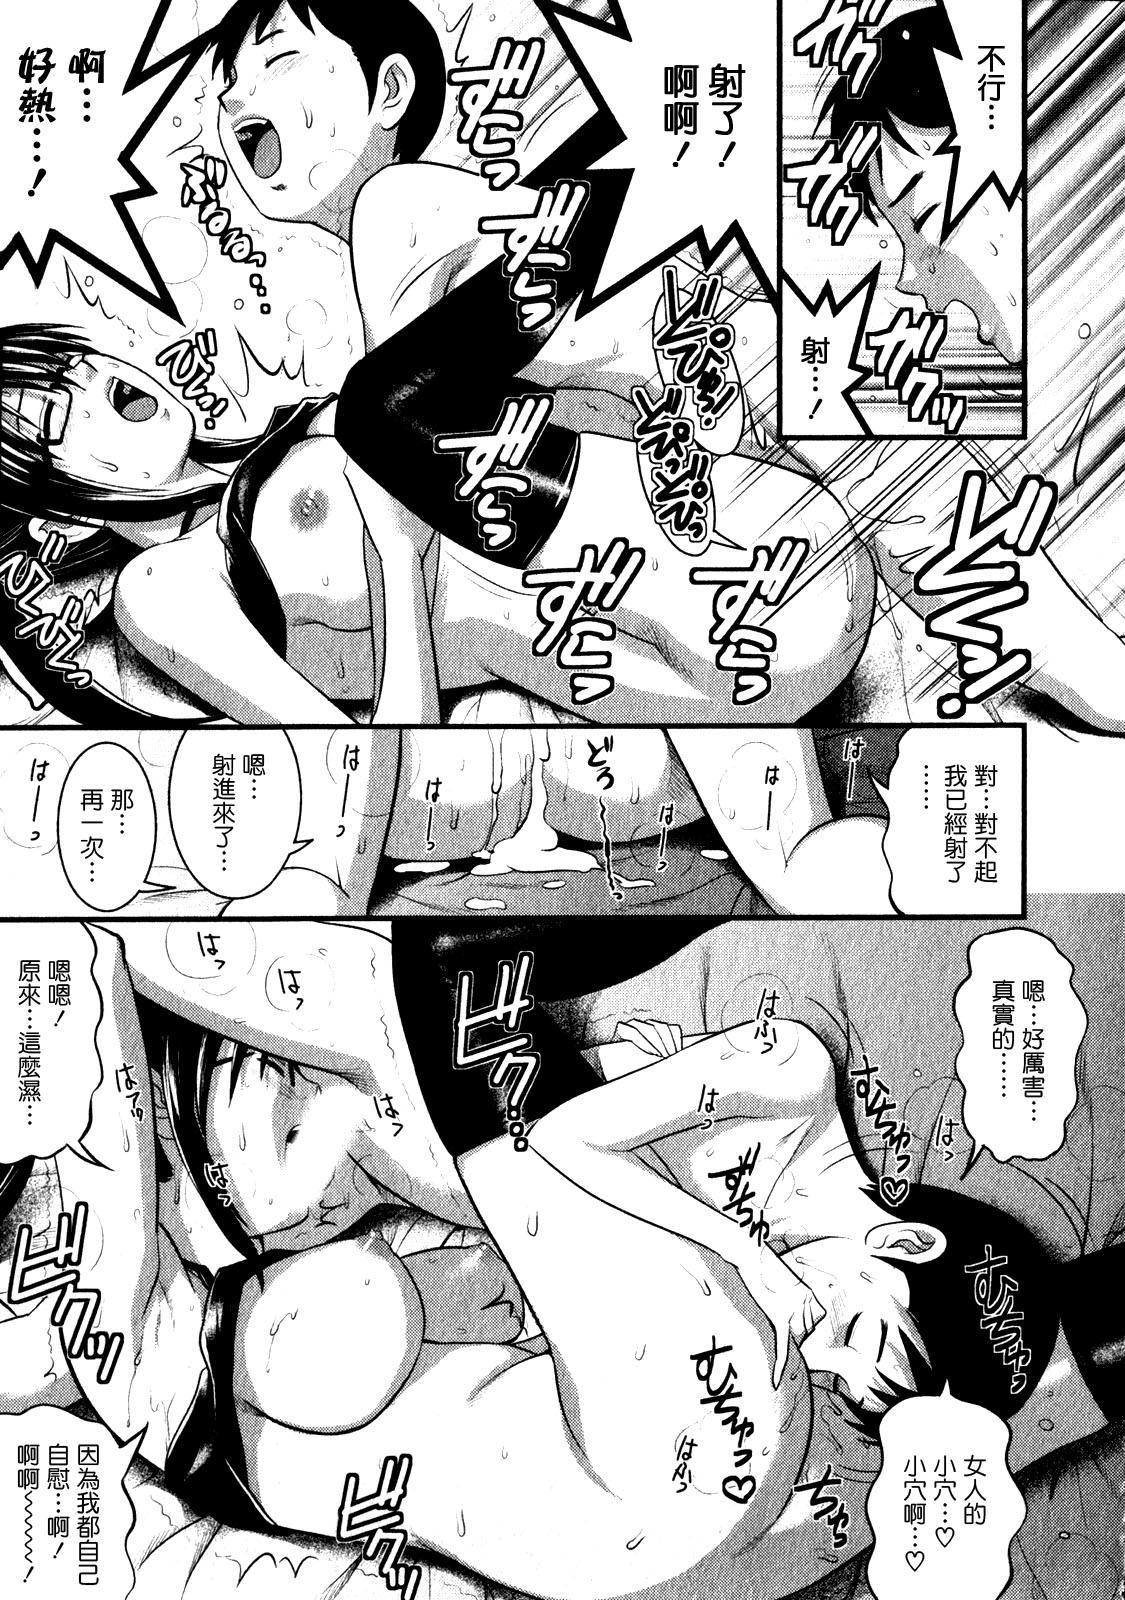 Otaku no Megami-san 1 78